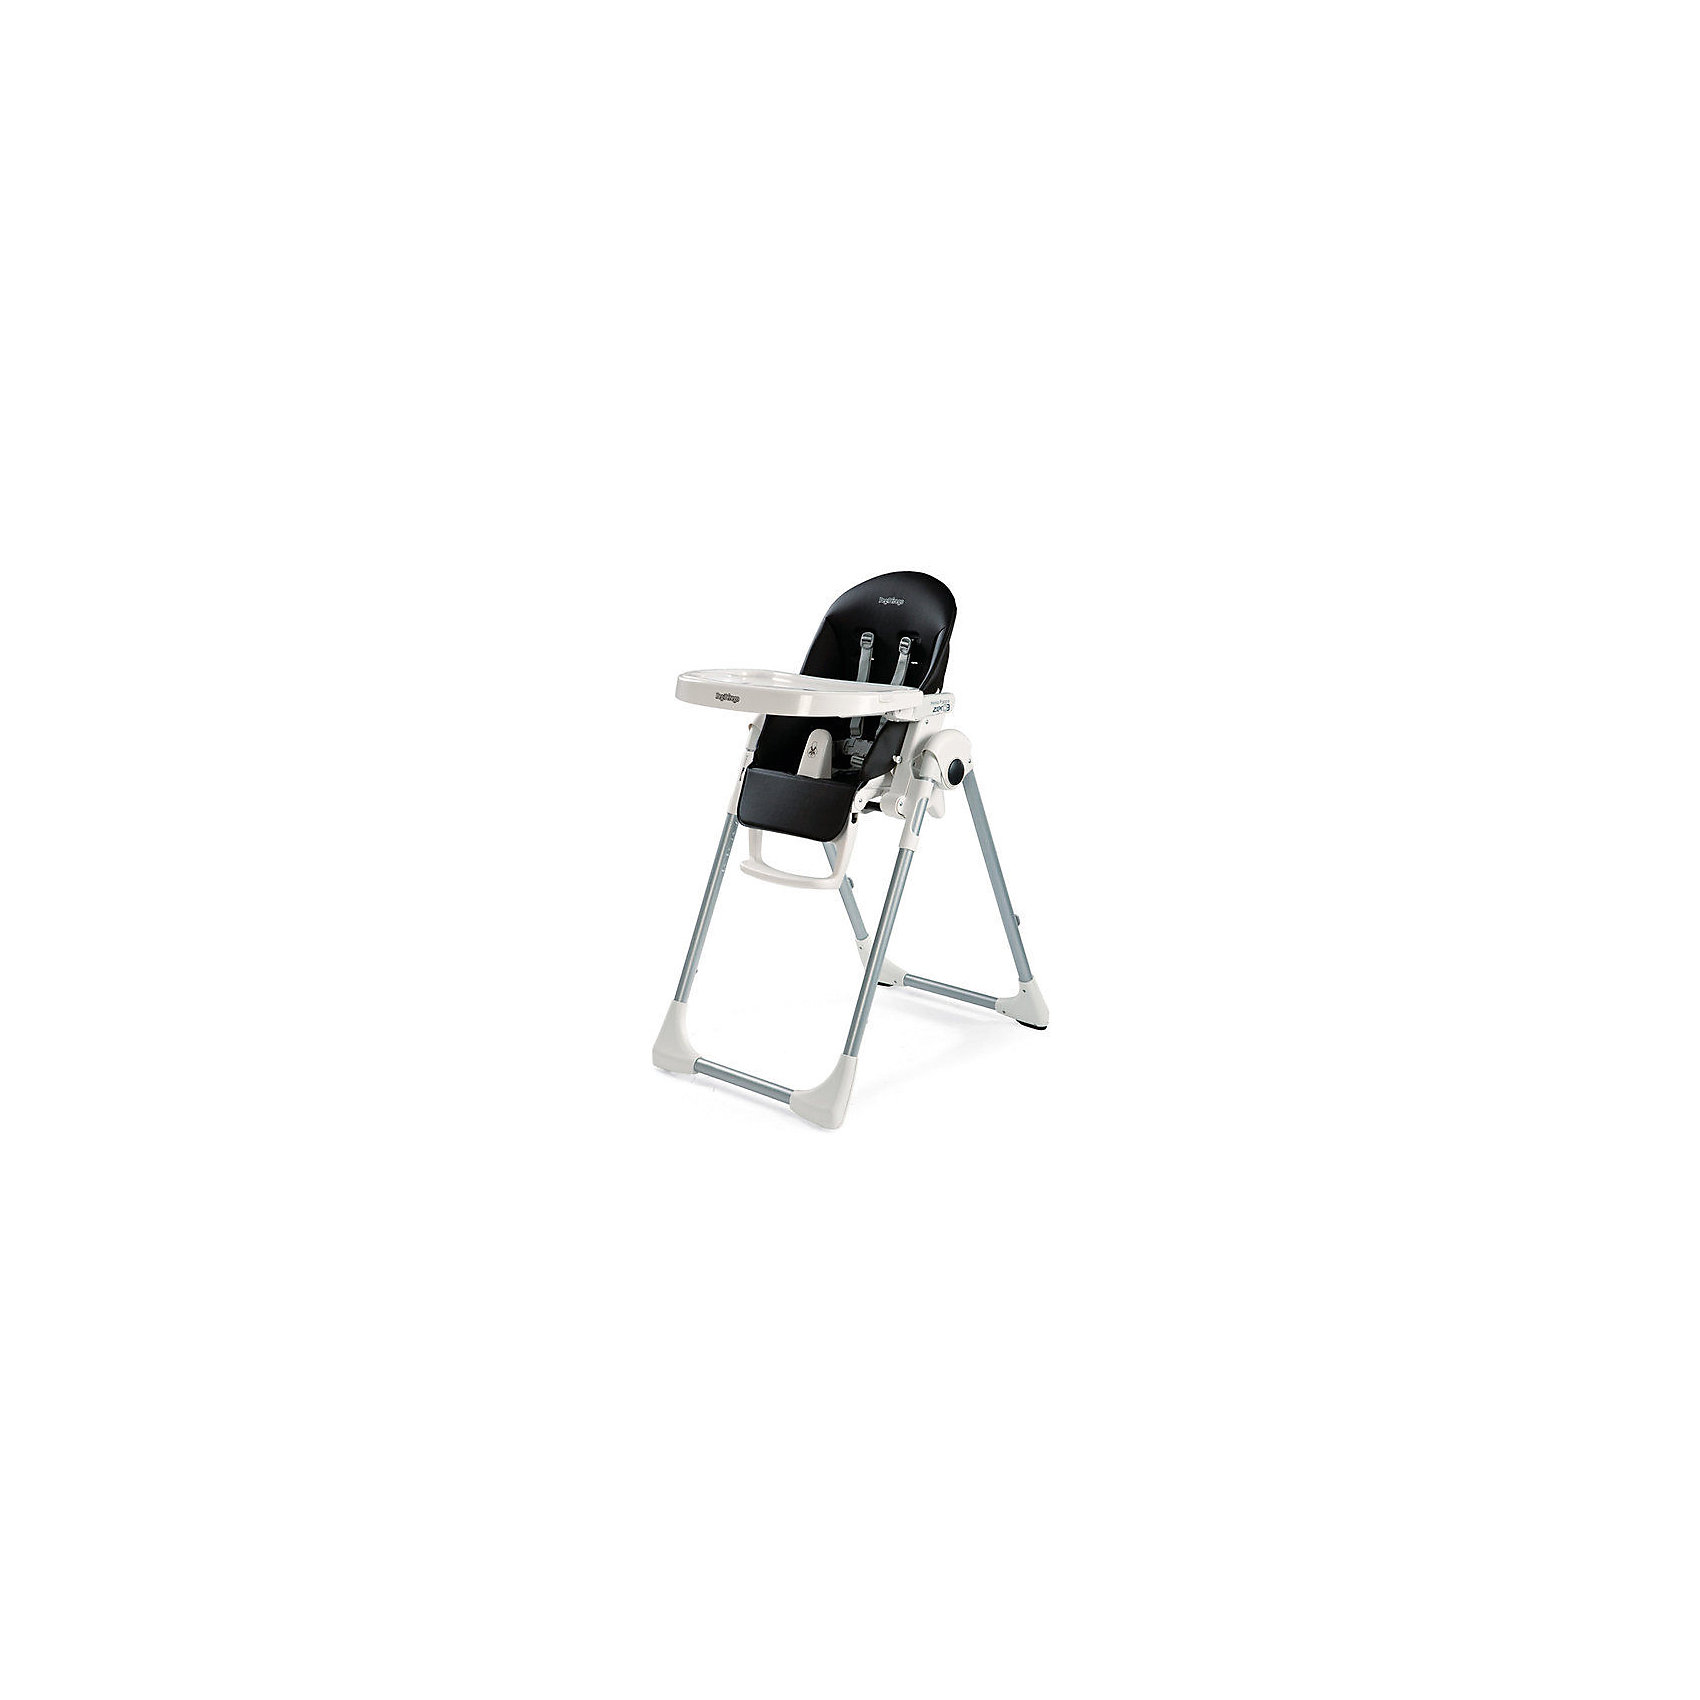 Стульчик для кормления Prima Pappa Zero3, Peg-Perego, Licorice черныйот рождения<br>Удобный и функциональный стульчик Prima Pappa Zero3, Peg-Perego, обеспечит комфорт и безопасность Вашего малыша во время кормления. Спинка сиденья легко регулируется в 5 положениях (вплоть до горизонтального), что позволяет использовать стульчик как для кормления так<br>и для игр и сна. Широкое и эргономичное мягкое сиденье будет удобно как малышу, так и ребенку постарше. Стульчик оснащен регулируемыми 5-точечными ремнями безопасности, а планка-разделитель для ножек под столиком не даст малышу соскользнуть. Высота стула<br>регулируется в 7 положениях, выбрав самое низкое положение и убрав столик, Вы легко трансформируете стул для кормления в низкий безопасный детский стульчик, куда ребенок может садиться сам. Подножка регулируется в 3 позициях, позволяя выбрать оптимальное для ребенка<br>положение. <br><br>Широкий съемный столик оснащен подносом с отделениями для кружки или стакана, поднос можно снять для быстрой чистки и использовать основную поверхность для игр и занятий. Для детей постарше стул можно использовать без столика для кормления, придвинув его к столу<br>для взрослых. Задние ножки оснащены колесиками с блокираторами, что позволяет легко перемещать стульчик по комнате. Кожаный чехол легко снимаются для чистки. Стульчик легко и компактно складывается и занимает мало места при хранении. Подходит для детей в возрасте от<br>0 месяцев до 3 лет.<br><br>Дополнительная информация:<br><br>- Цвет: черный.<br>- Материал: пластик, эко-кожа.<br>- Размер в разложенном состоянии: 55 х 76 х 105 см. <br>- Размер в сложенном состоянии: 58 х 28,5 х 103,5 cм. <br>- Вес: 7,6 кг.<br><br>Стульчик для кормления Prima Pappa Zero3, Peg-Perego, Licorice черный, можно купить в нашем интернет-магазине.<br><br>Ширина мм: 565<br>Глубина мм: 300<br>Высота мм: 935<br>Вес г: 9000<br>Возраст от месяцев: 0<br>Возраст до месяцев: 36<br>Пол: Унисекс<br>Возраст: Детский<br>SKU: 4761340